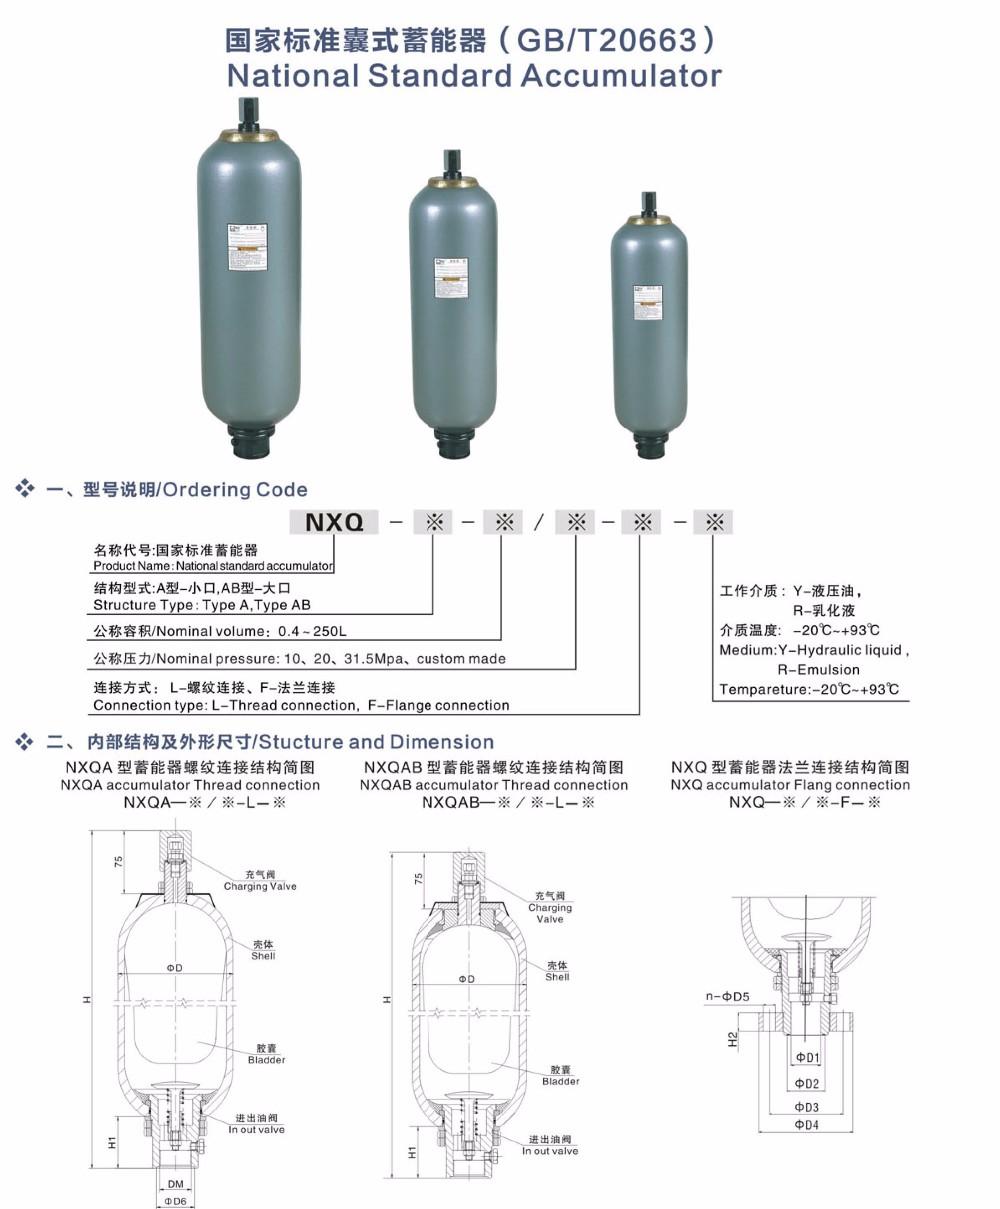 Integral Hydraulic Accumulator Calculator Suppliers Nxqab-4/31 5-l Volume  4l Pressure 350bar - Buy Hydraulic Accumulator Calculator,Hydraulic